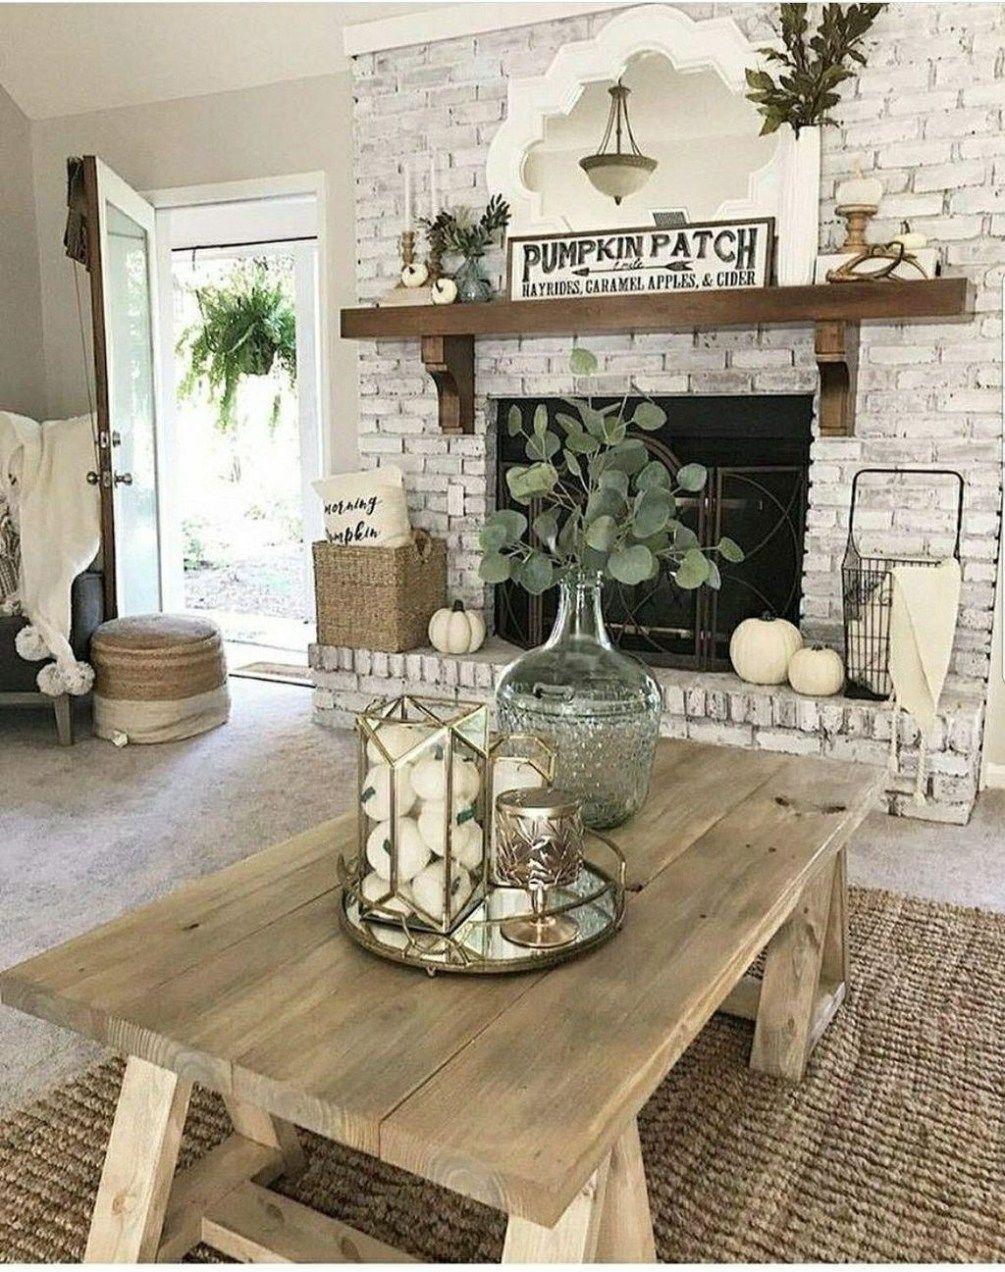 20 Comfy Farmhouse Living Room Decor Ideas Farmhouse Decor Living Room Living Room With Fireplace